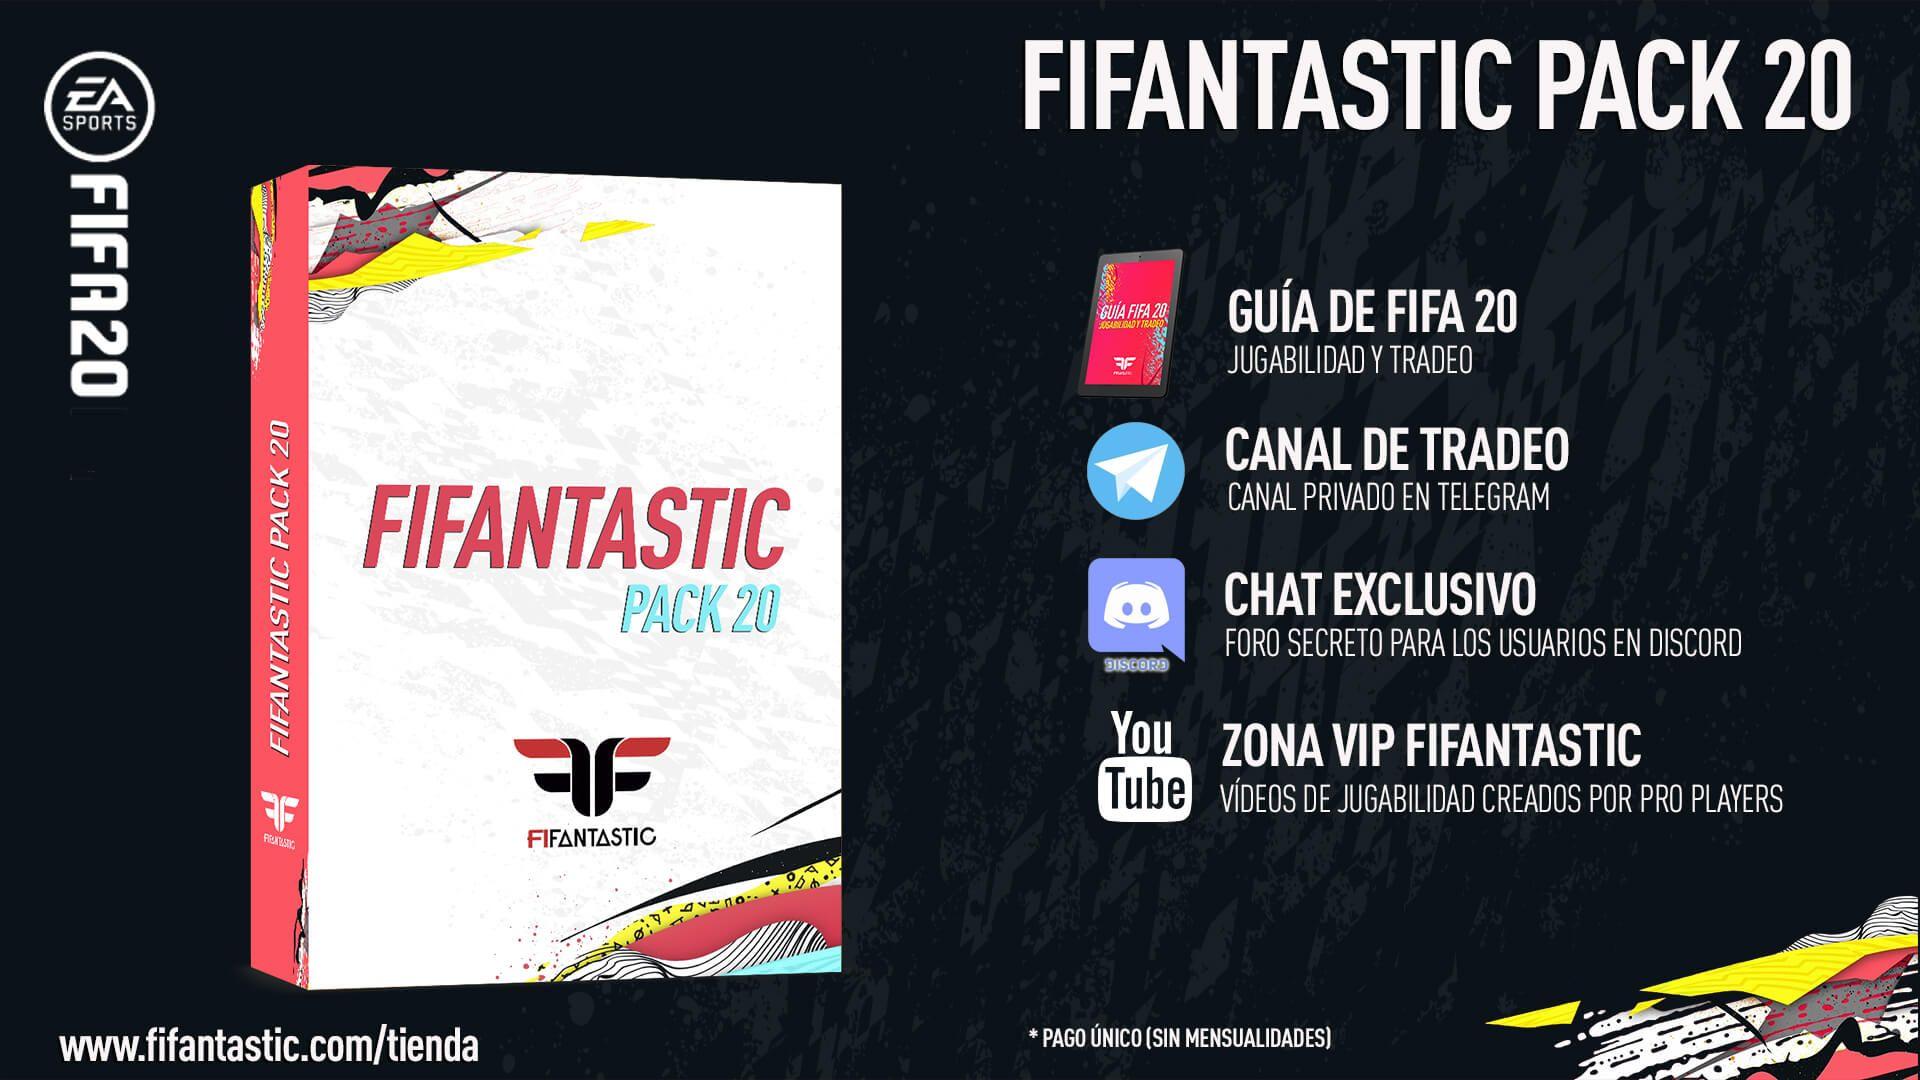 FIFAntastic Pack 20